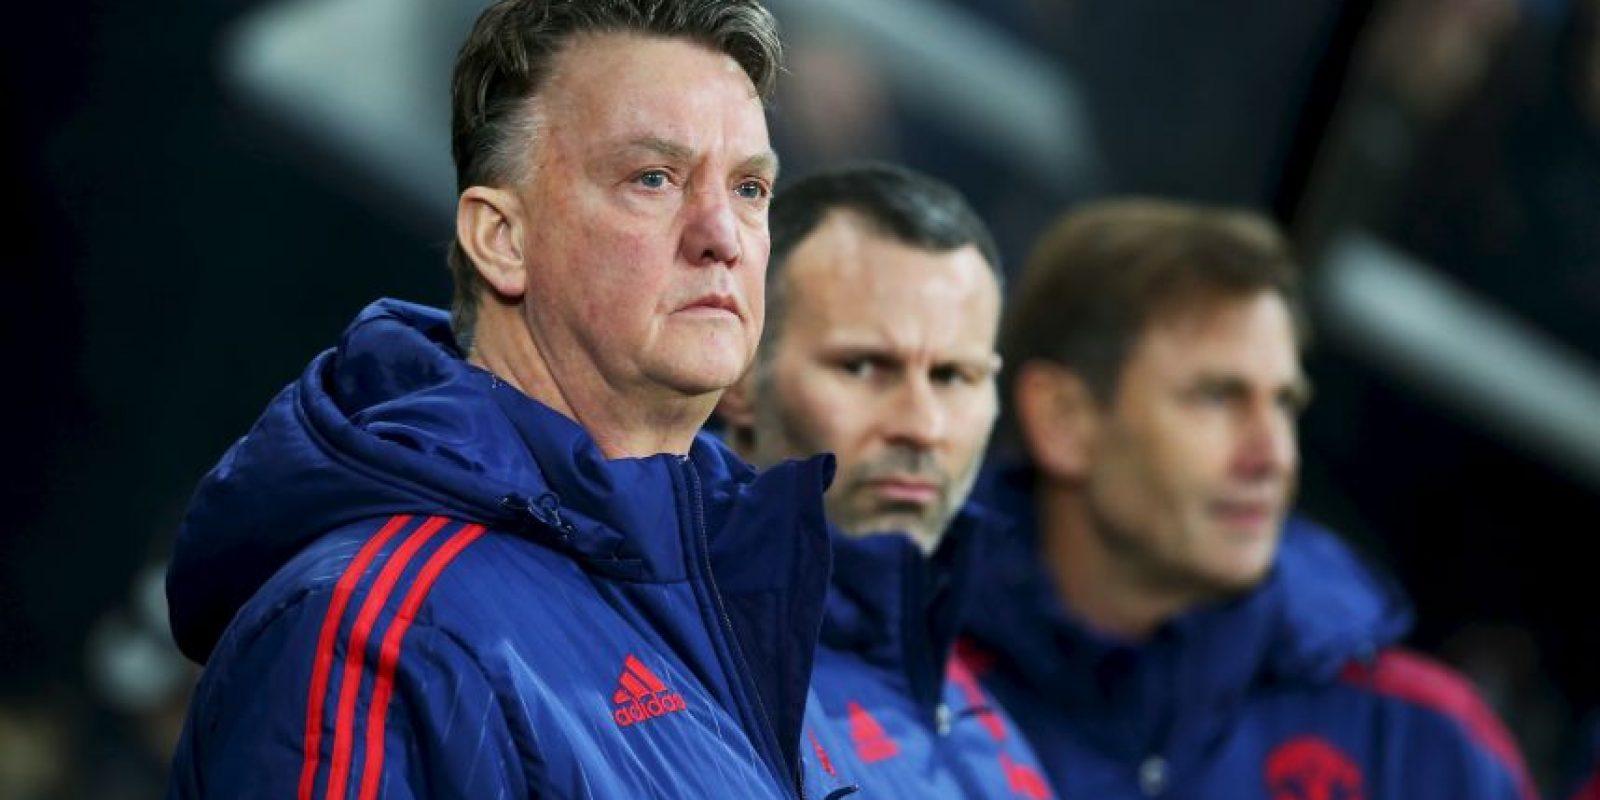 Manchester United le paga 10 millones de euros al año, pero podría salir del equipo al final de la campaña. Foto:Getty Images